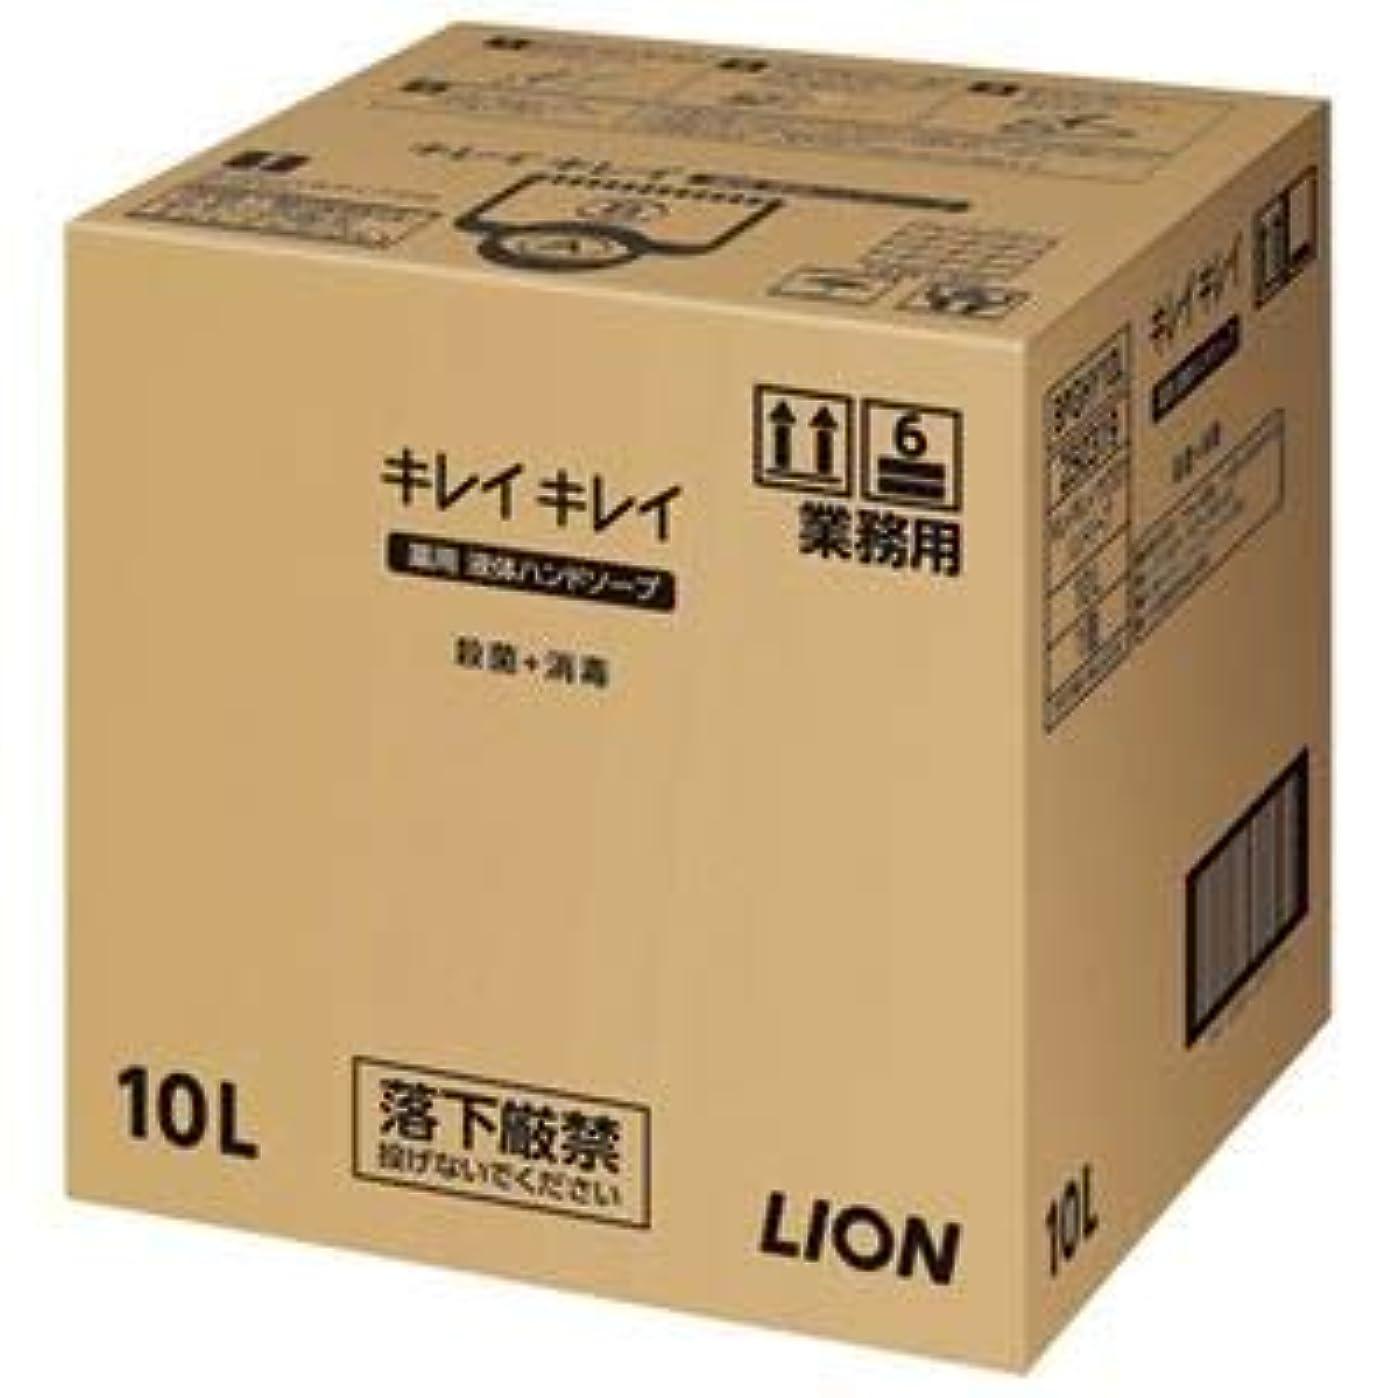 ホストまた明日ねに関してライオン キレイキレイ 薬用ハンドソープ 10L